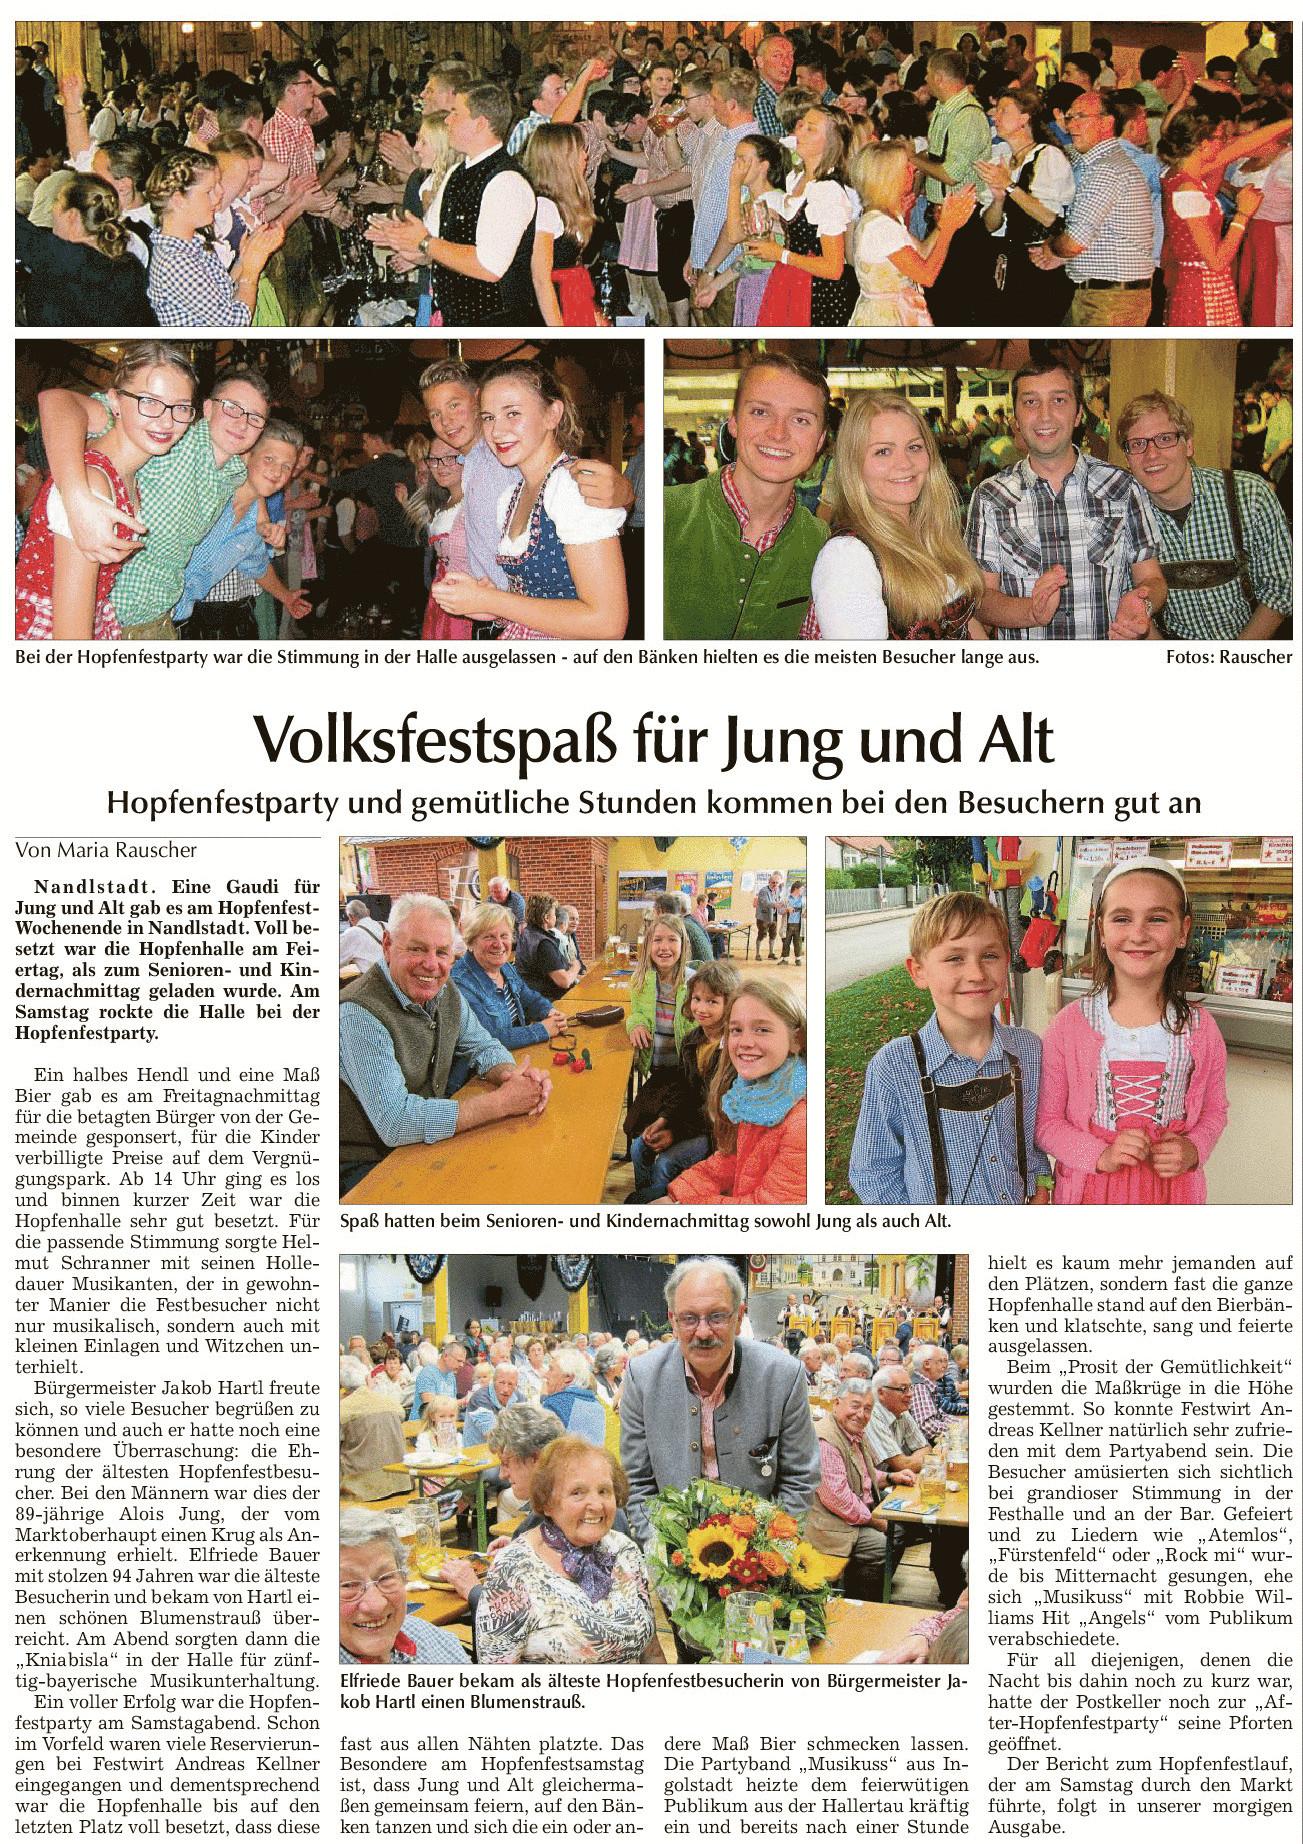 Hopfenfestparty und gemütliche Stunden kommen bei den Besuchern gut an